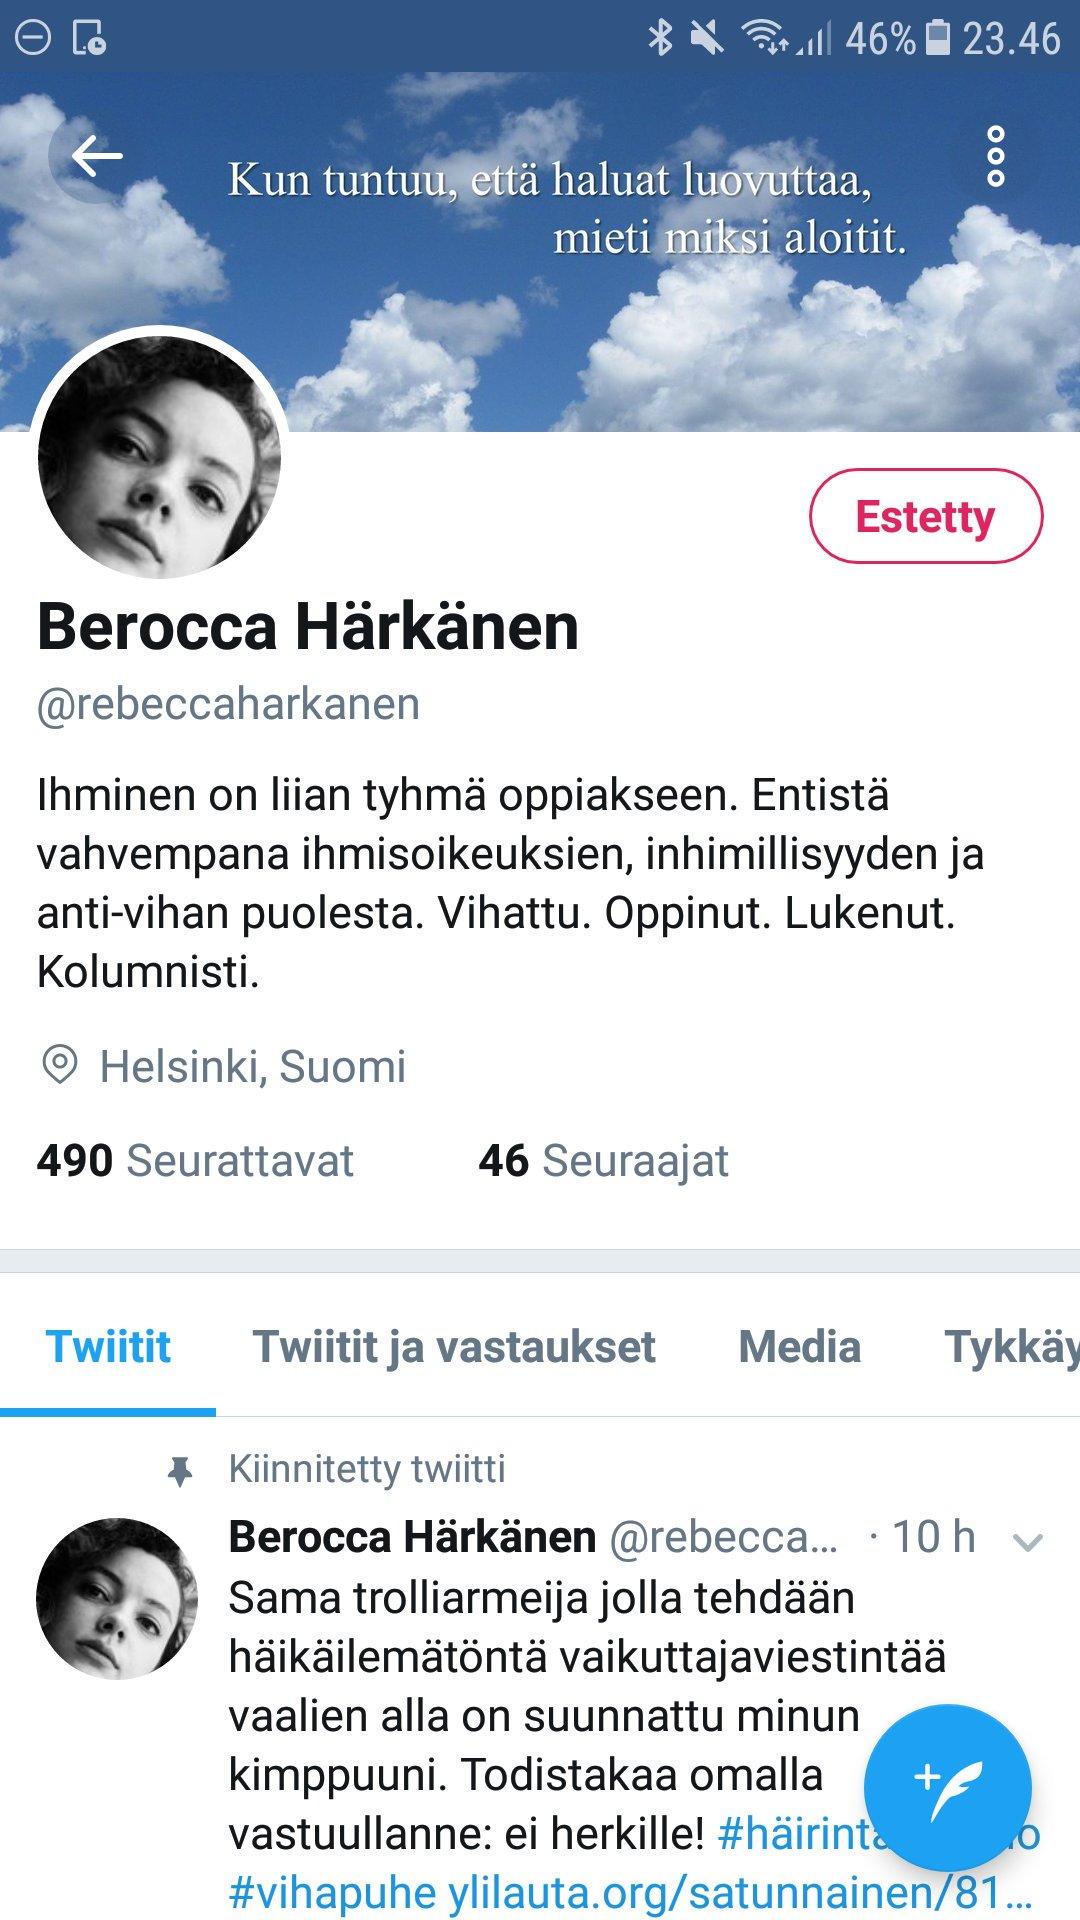 Rebekka Härkönen Twitter